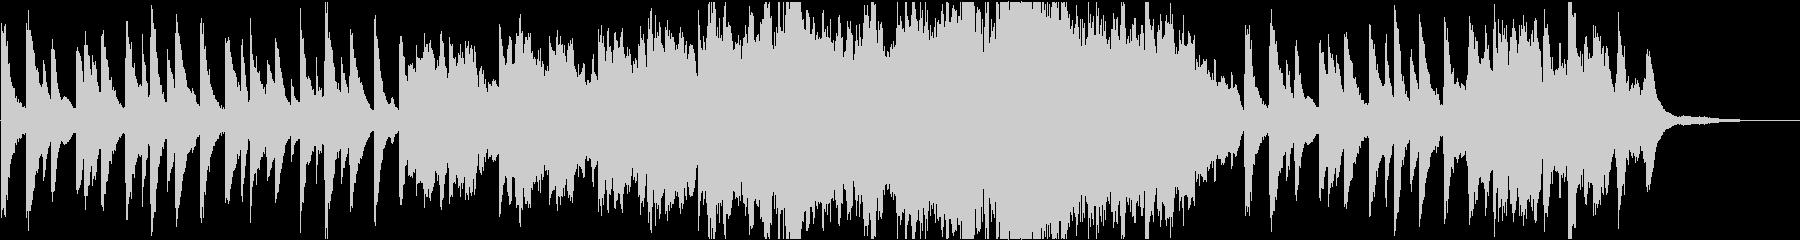 ドラマ6 24bit44.1kHzVerの未再生の波形